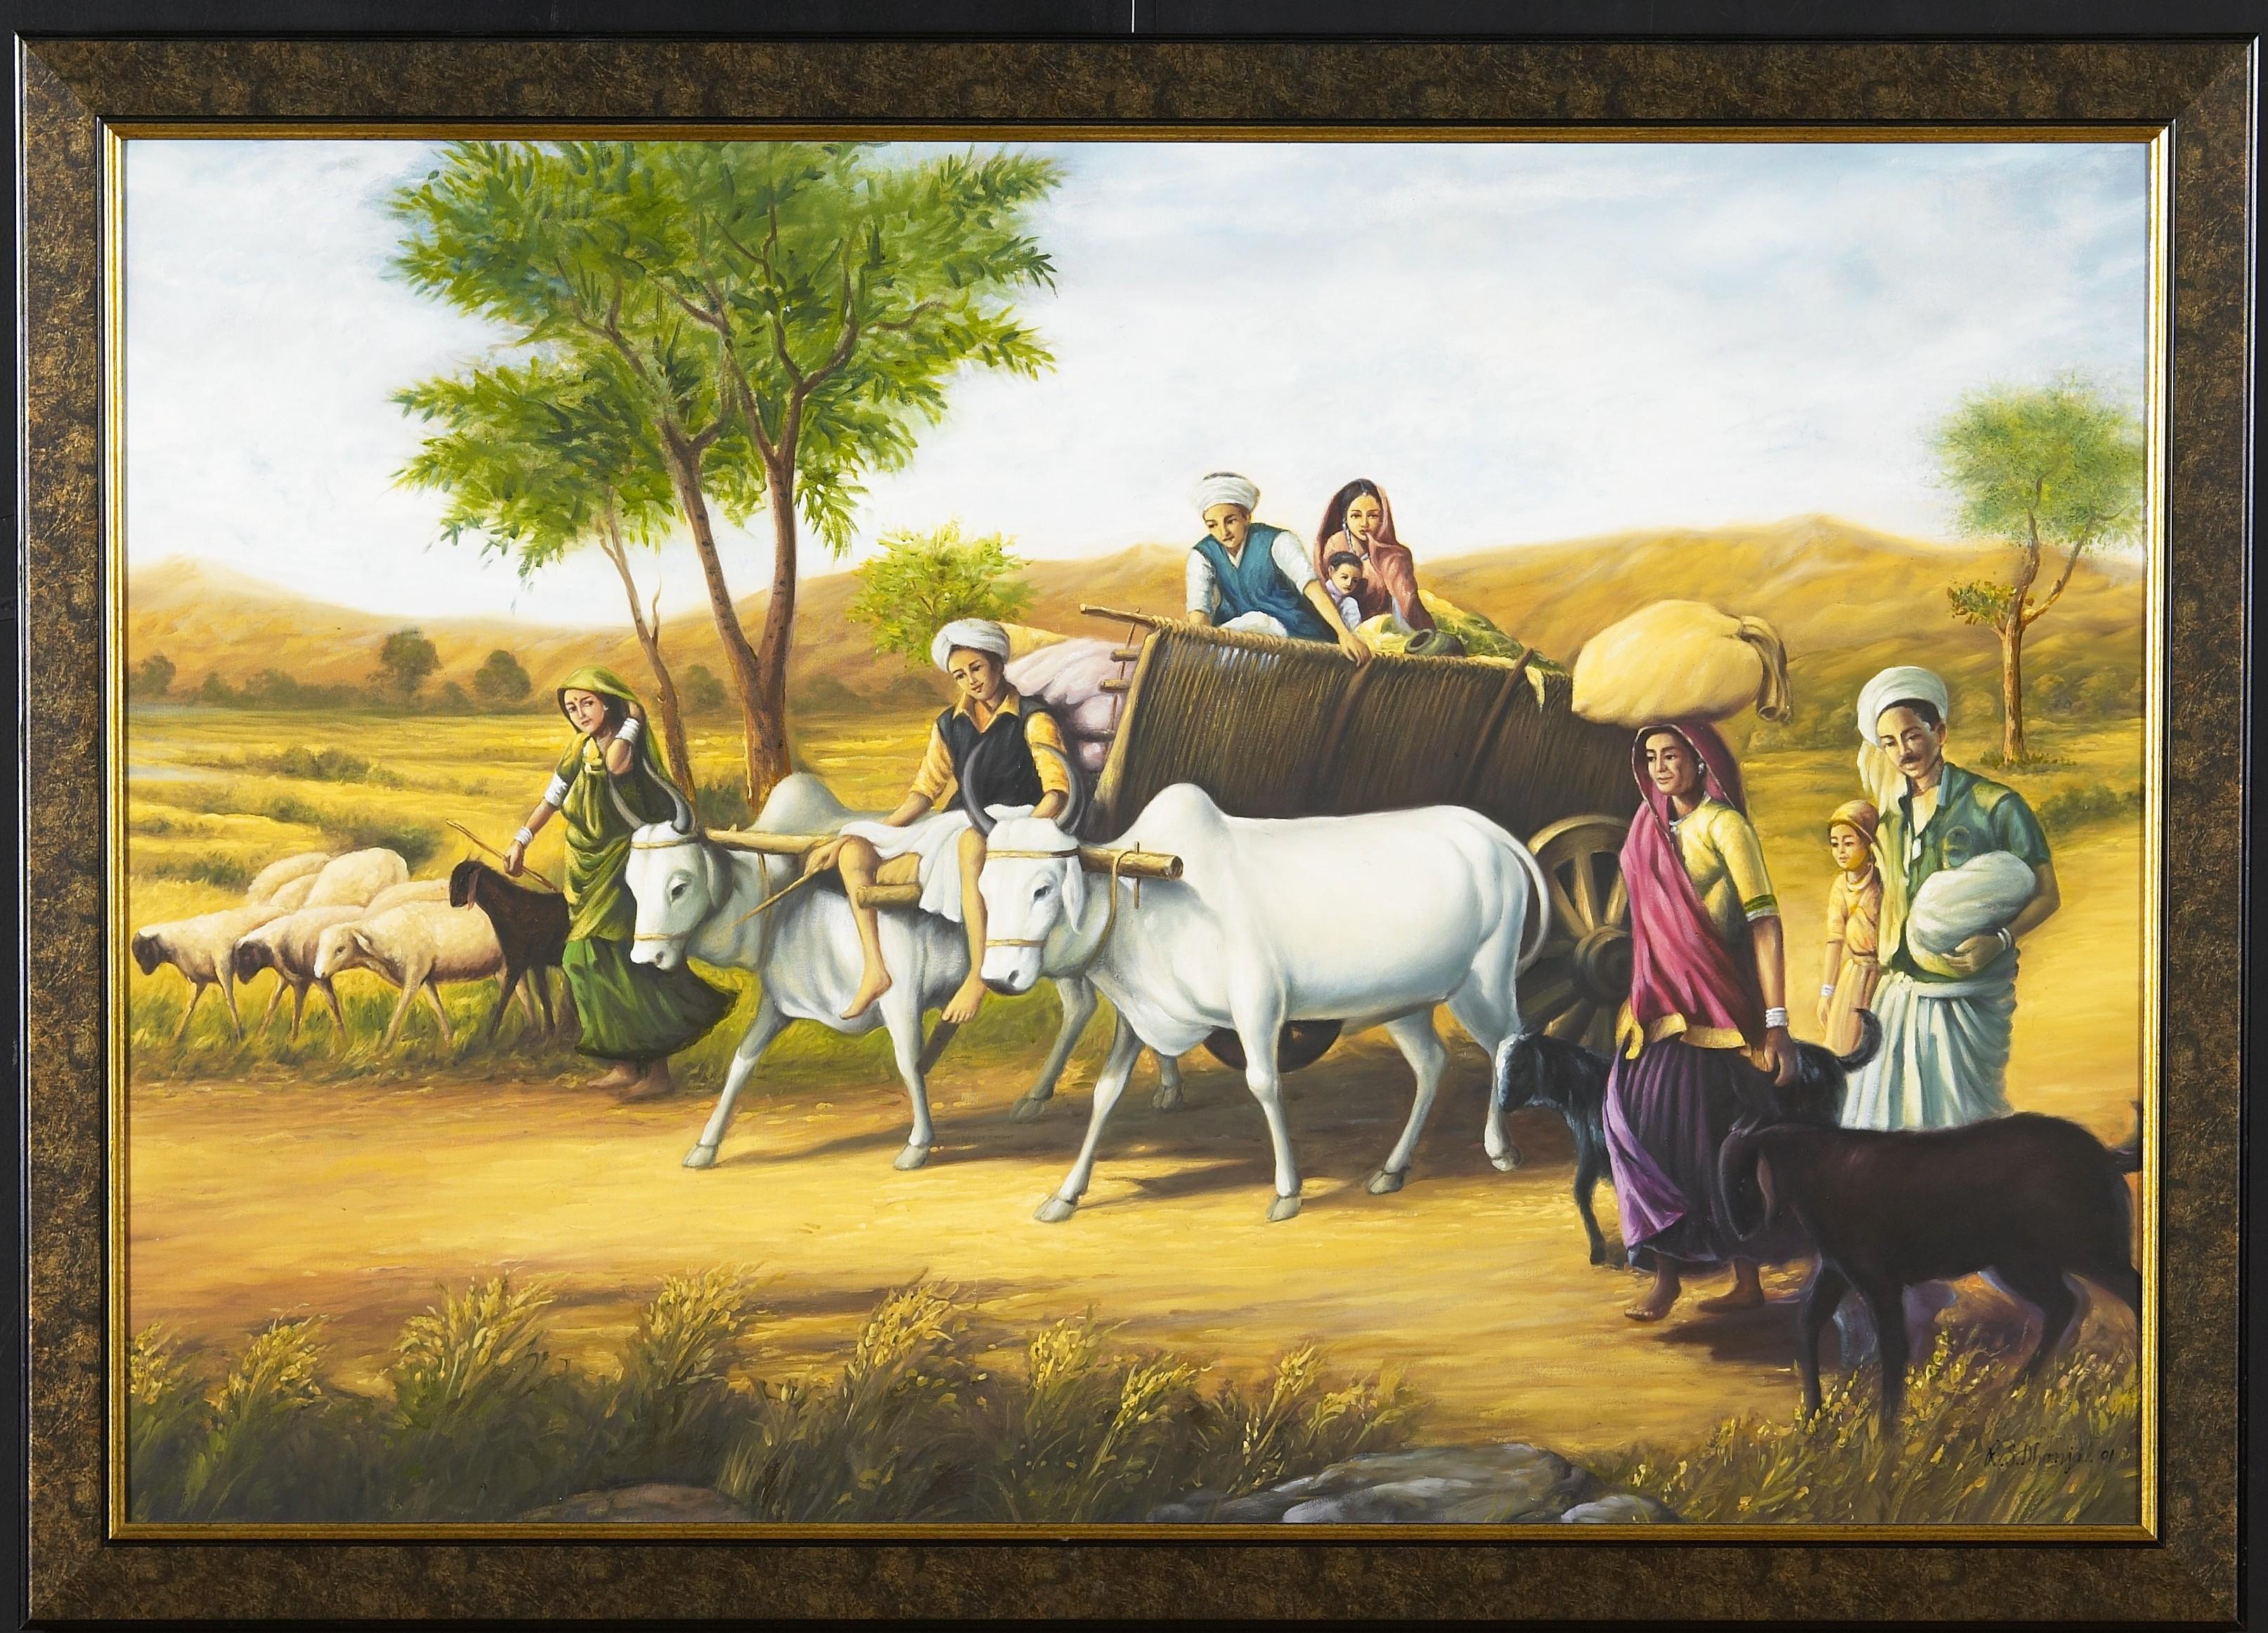 village lifestyle in hindi language